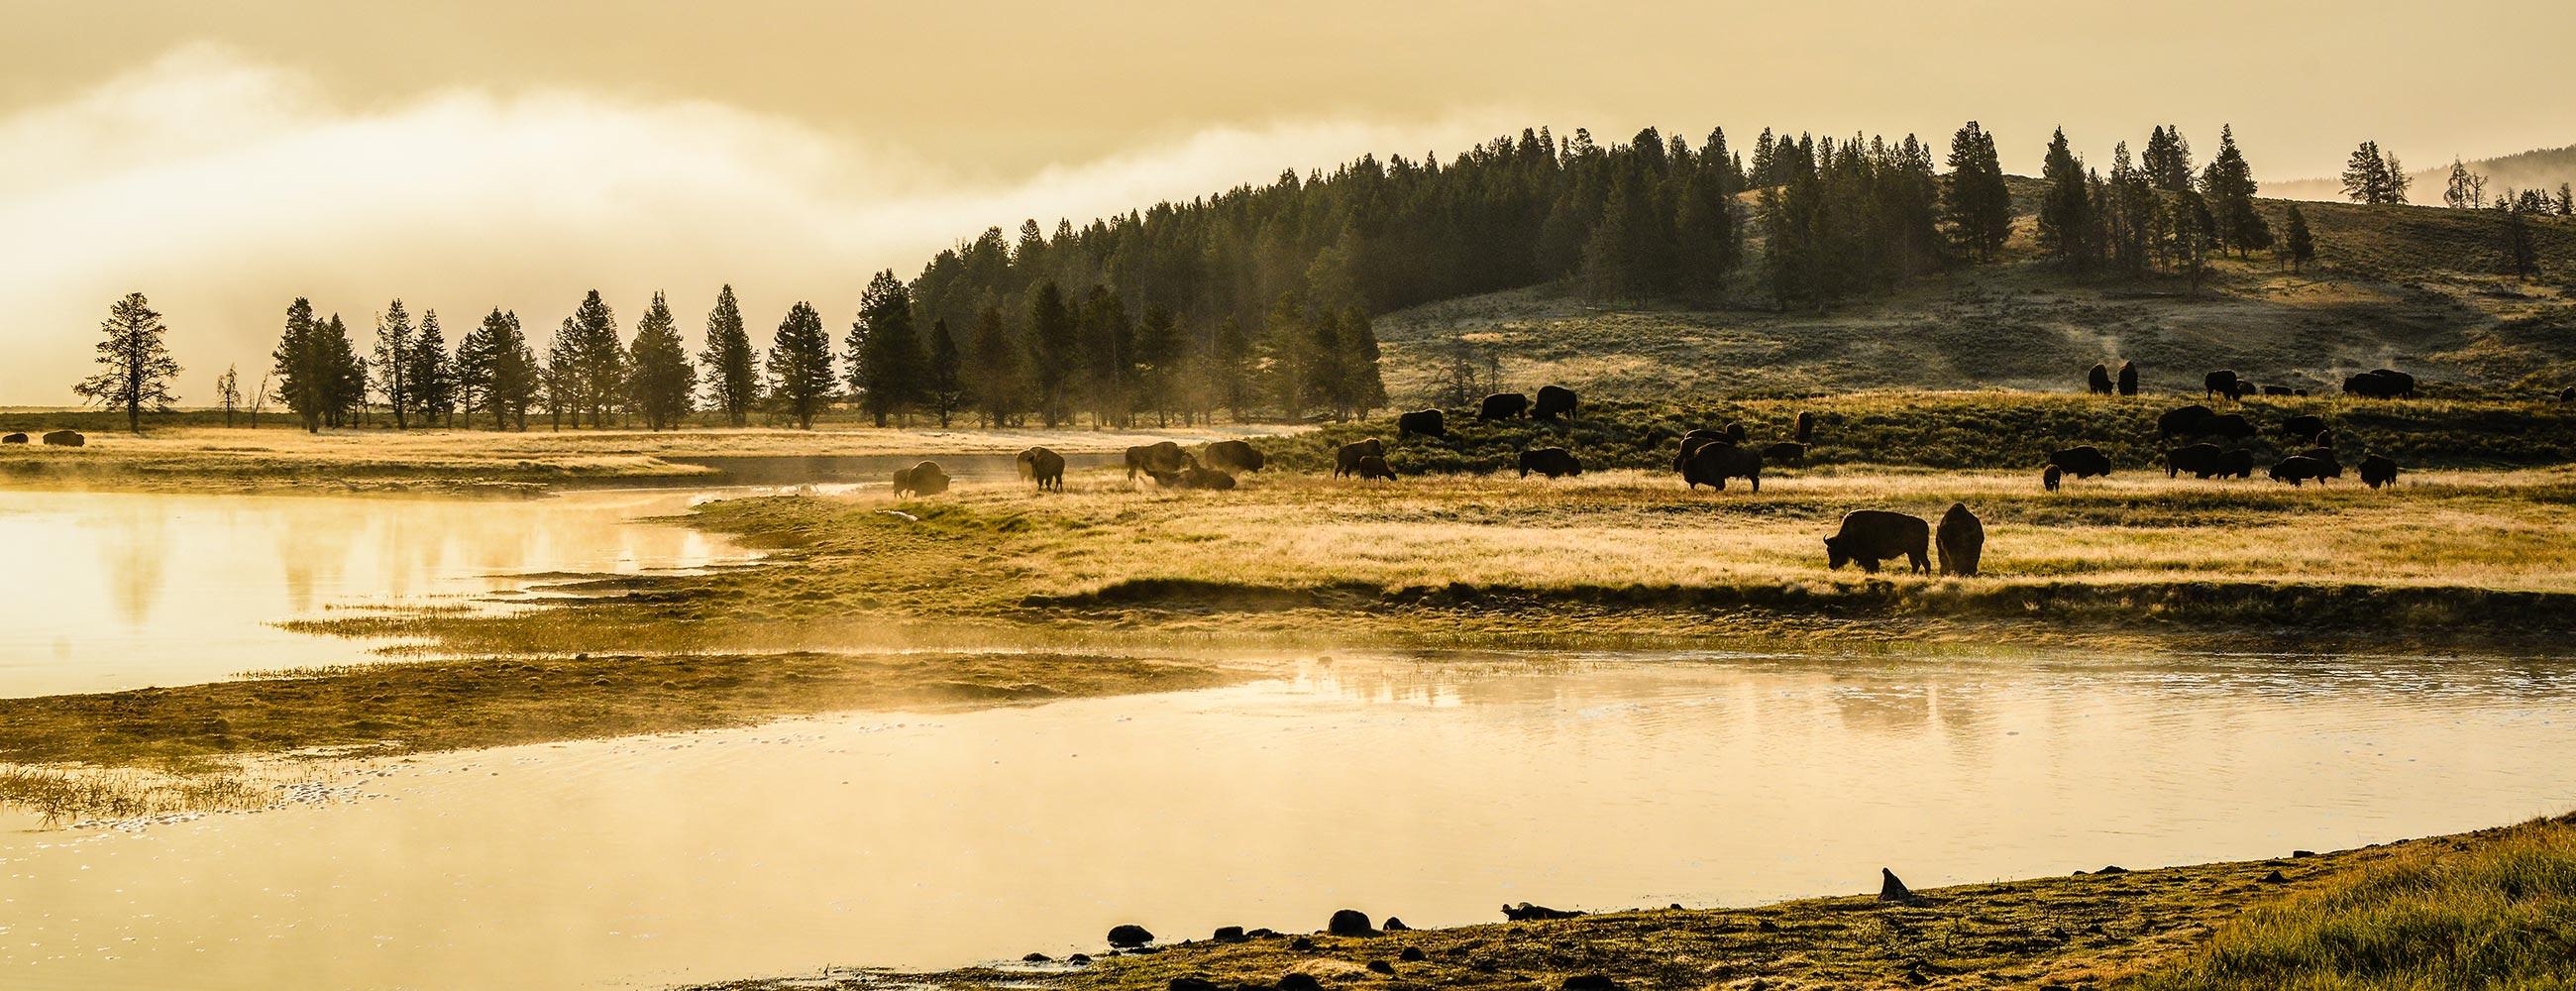 Troupeau de bisons au lever du soleil dans le parc de Yellowstone, Wyoming